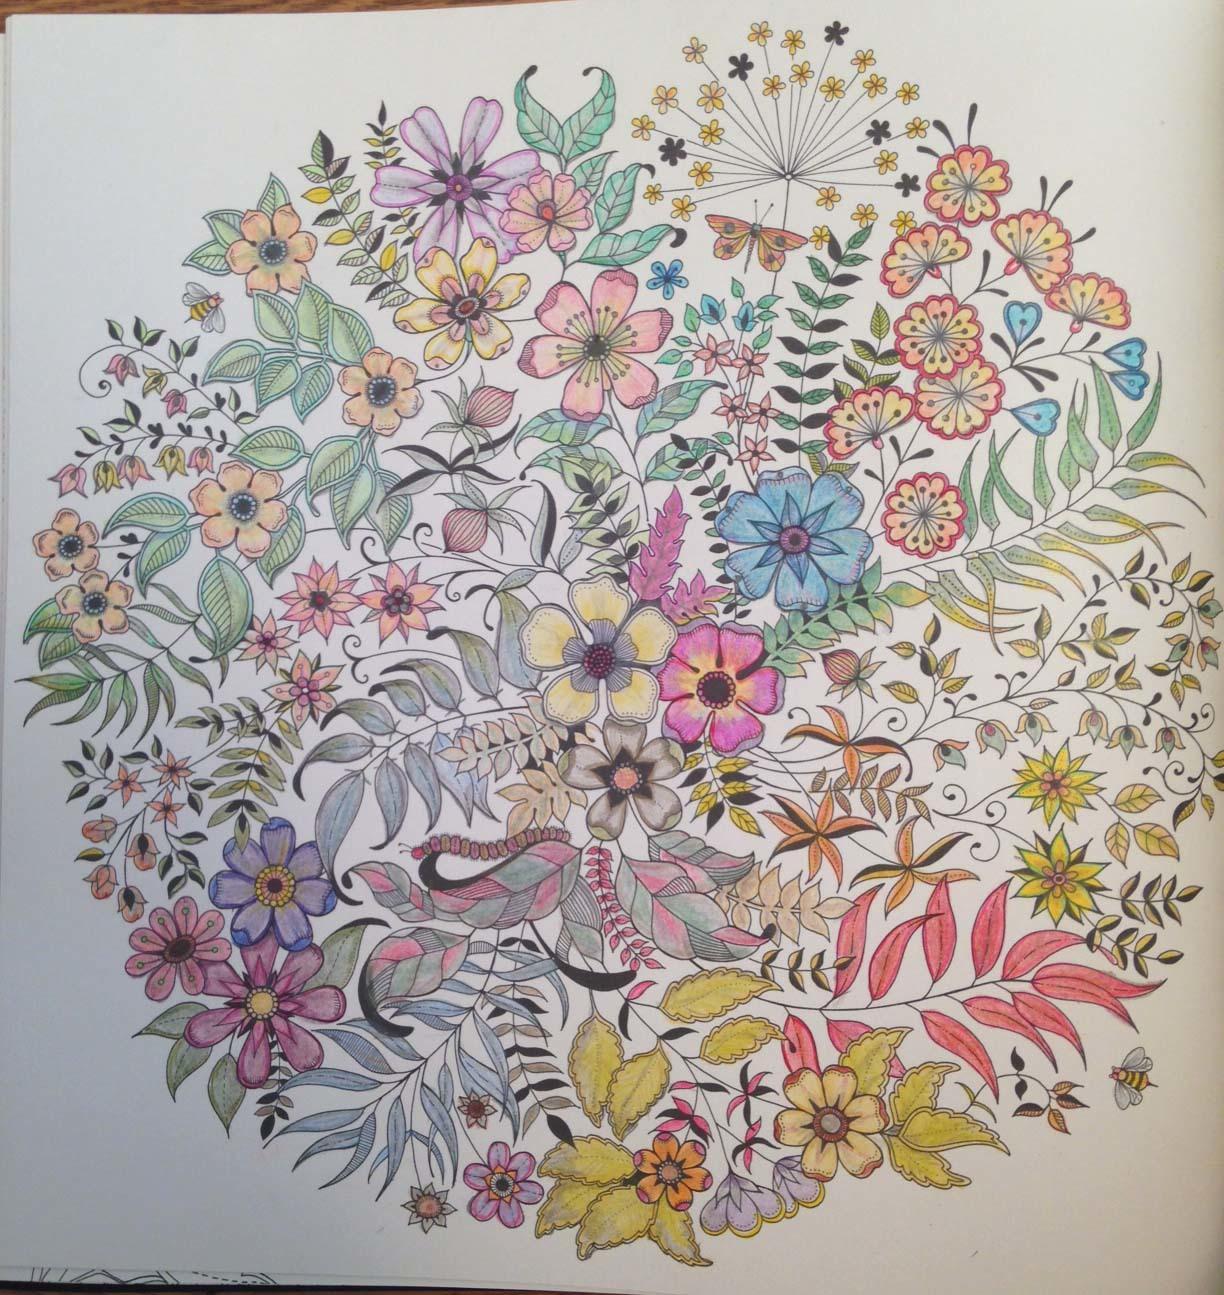 [ベスト] 大人の塗り絵 秘密の花園